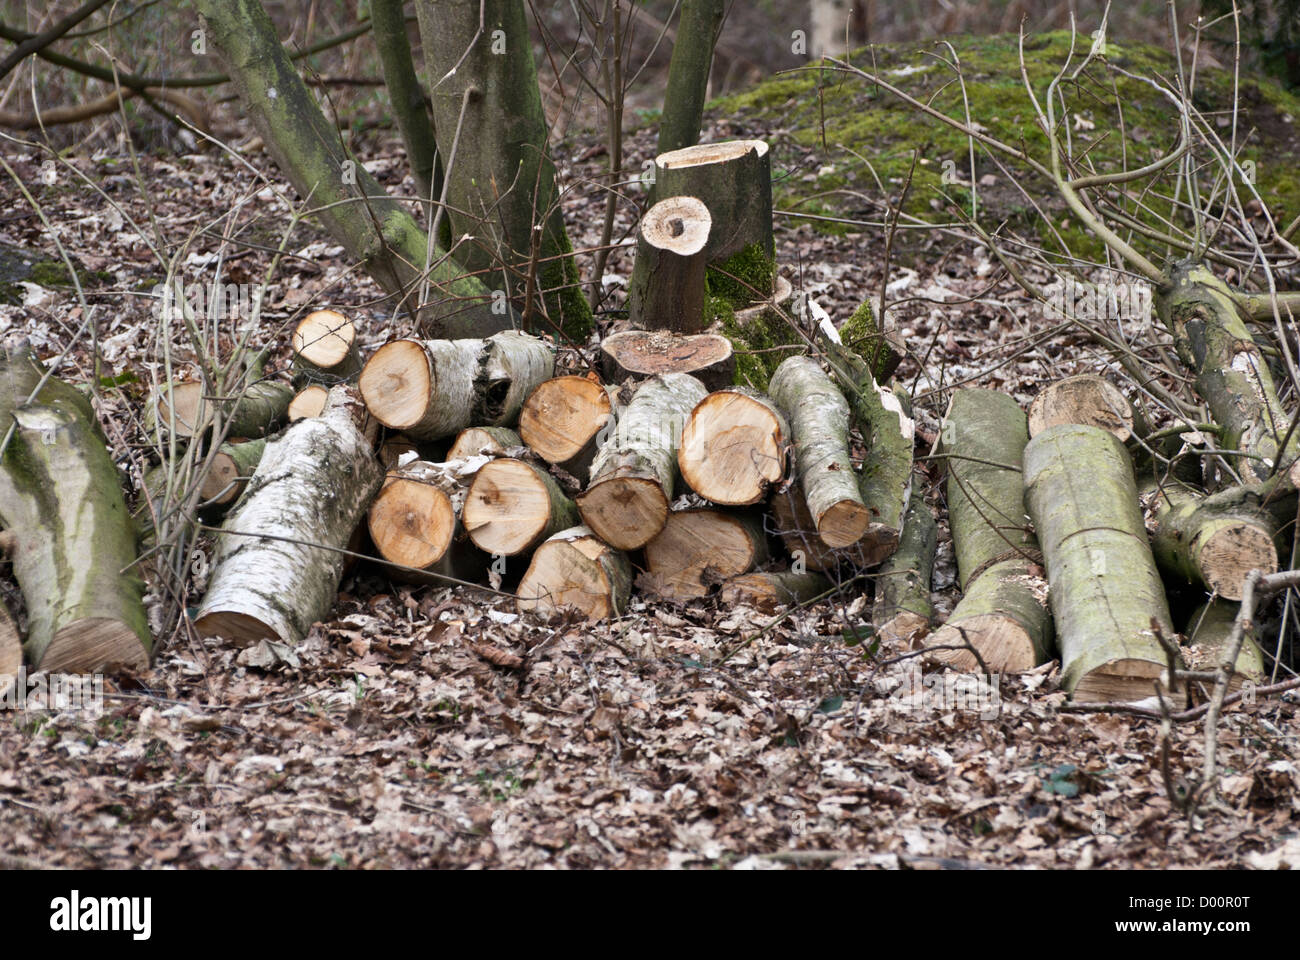 Récemment abattus et couper les arbres en Rufford Country Park, Nottinghamshire, Angleterre, Royaume-Uni. Banque D'Images